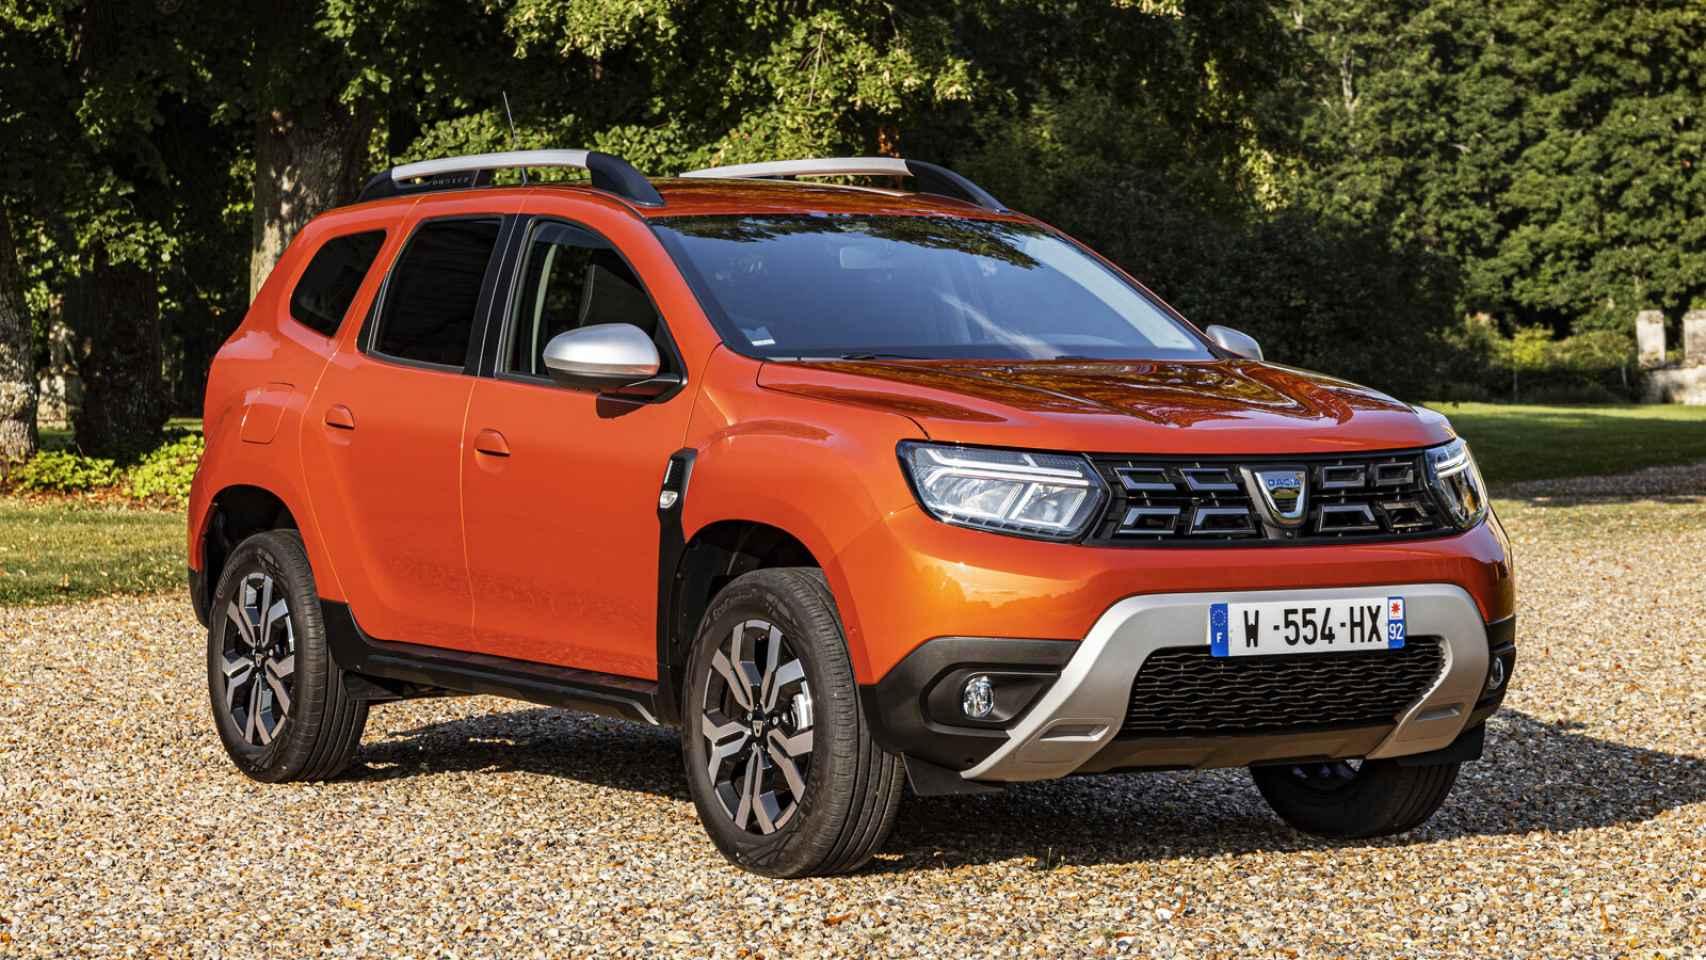 Nuevo Dacia Duster: estos son los cambios de este SUV con buena relación entre calidad y precio